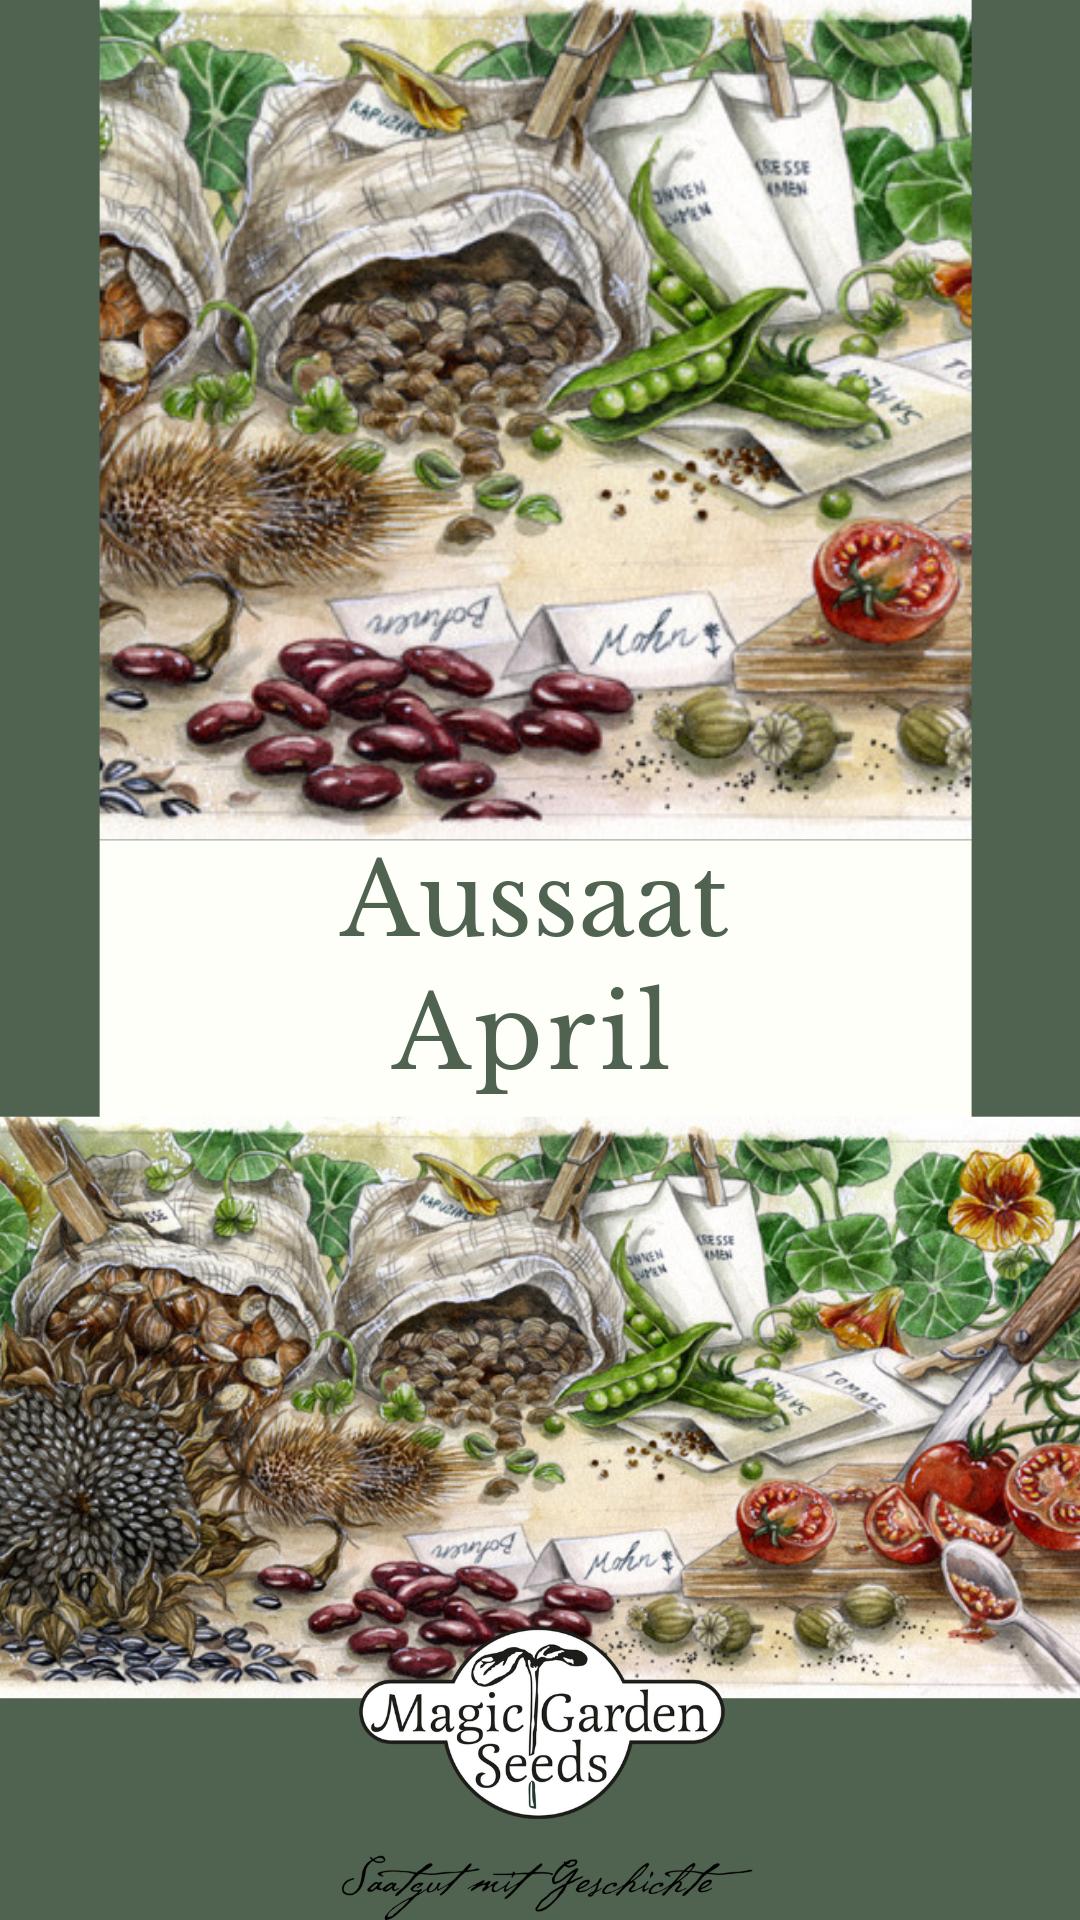 Aussaat Im April Aussaatkalender Von Magic Garden Seeds Der Samereien Versand Fur Alte Sorten Raritaten Und Seltene Seltene Pflanzen Baumsamen Gartensamen